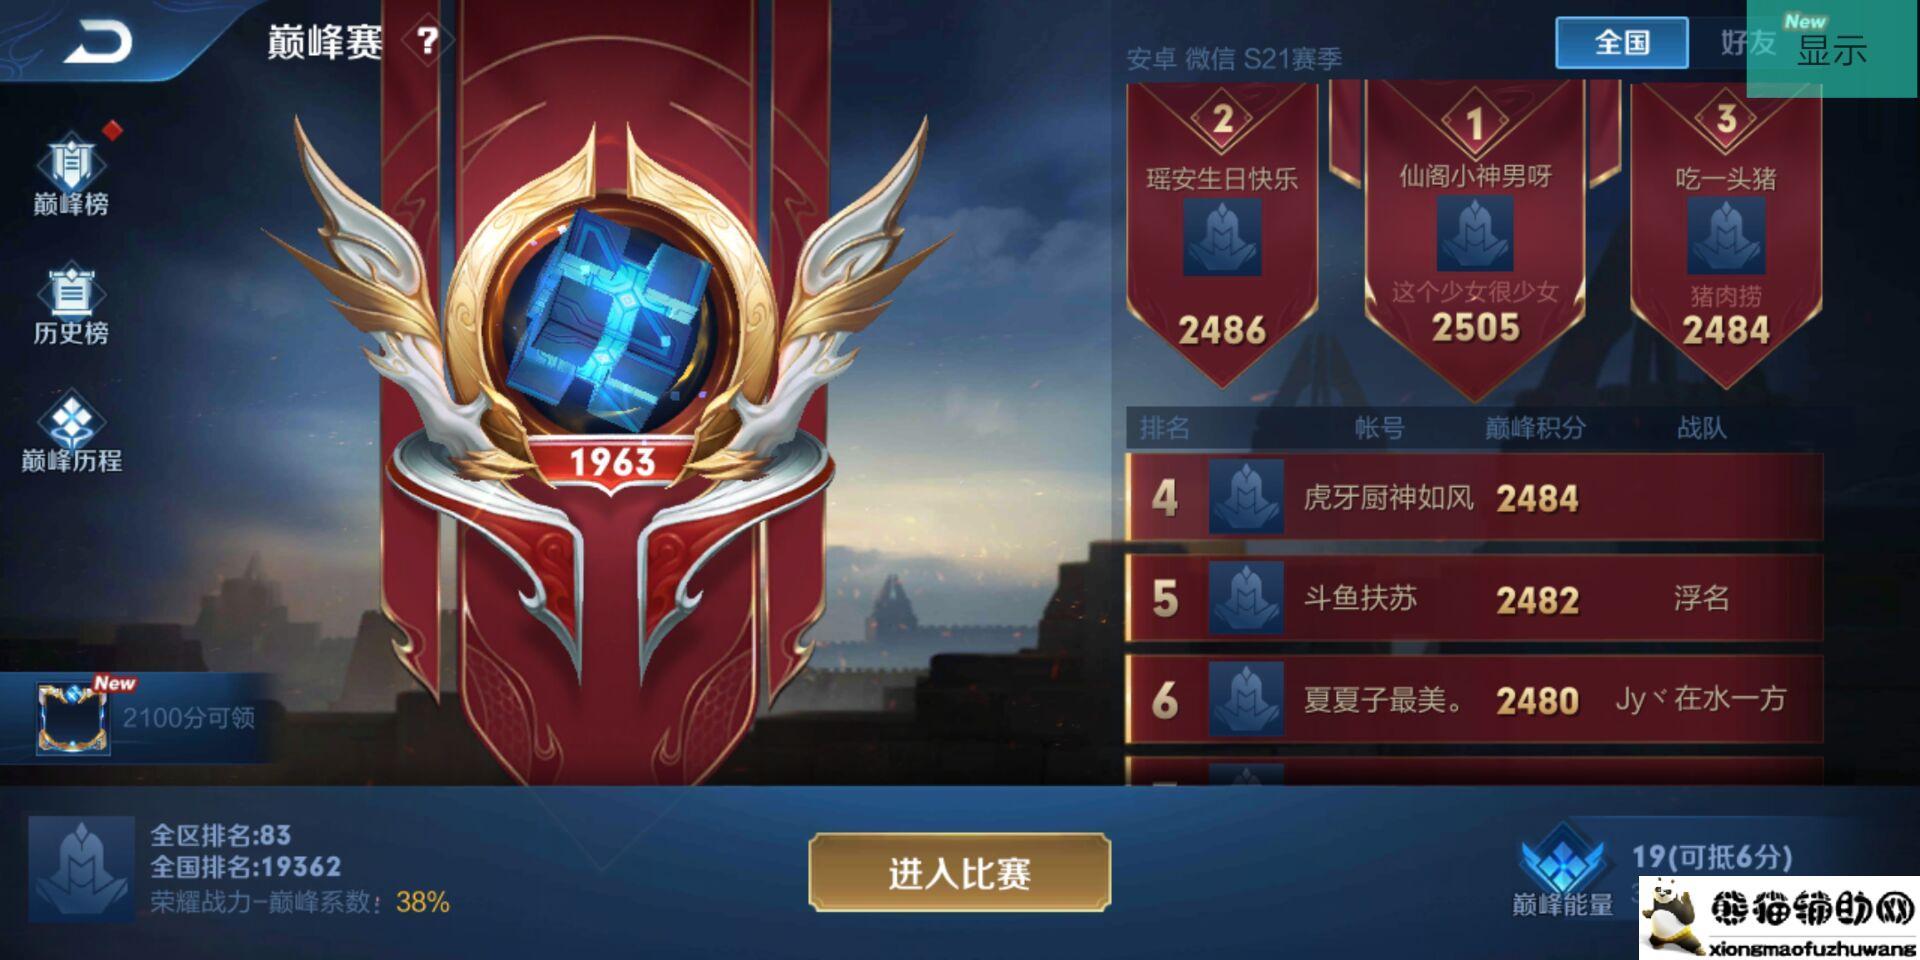 王者荣耀手游-神域游戏助手v12.14内存透视/防封拦截/稳定